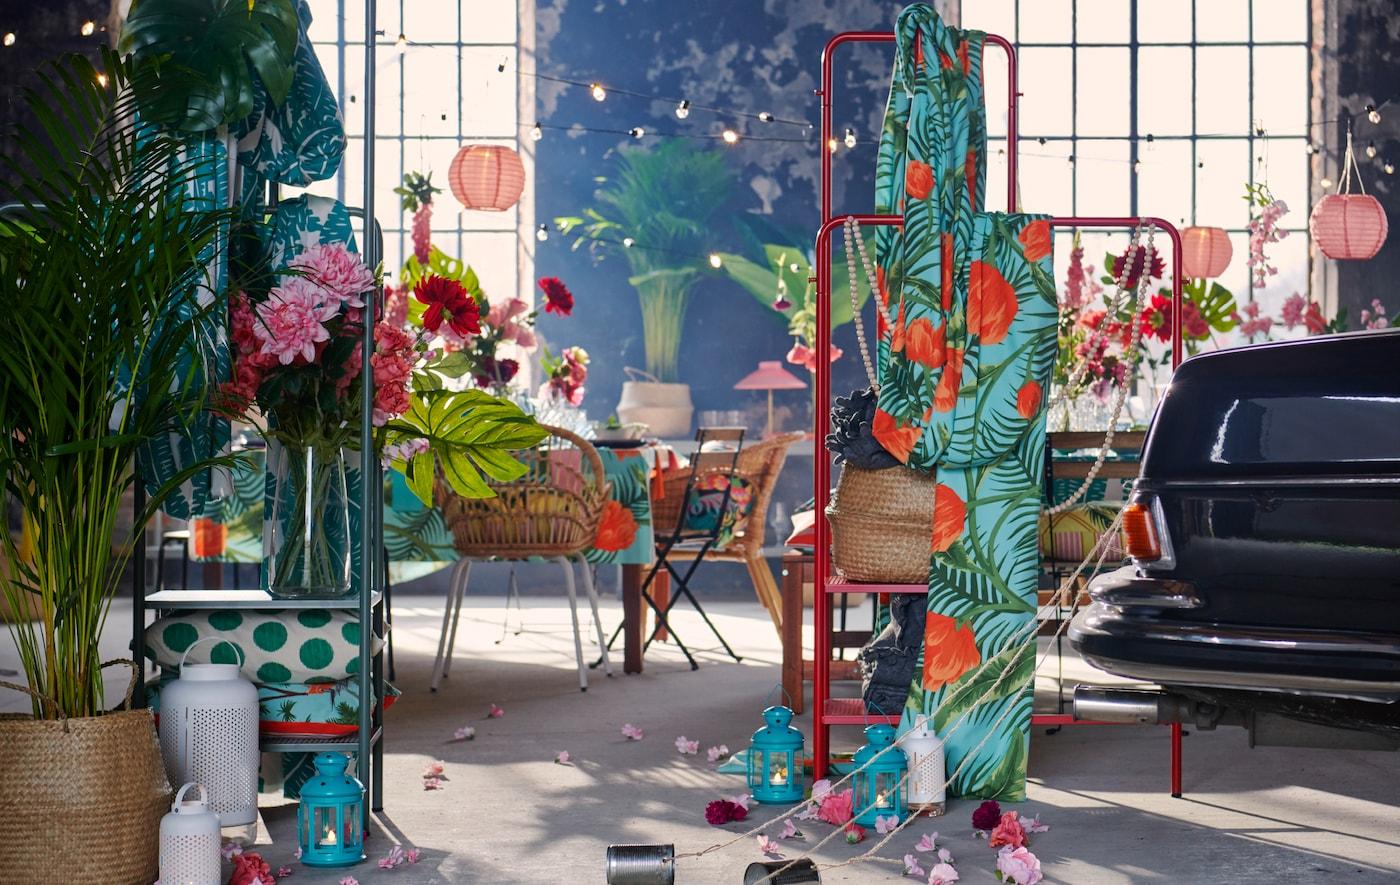 Un spacieux intérieur de style industriel aménagé pour une fête, avec textiles, décorations, plantes et la carrosserie arrière d'une voiture à laquelle sont attachées des boîtes de conserve.